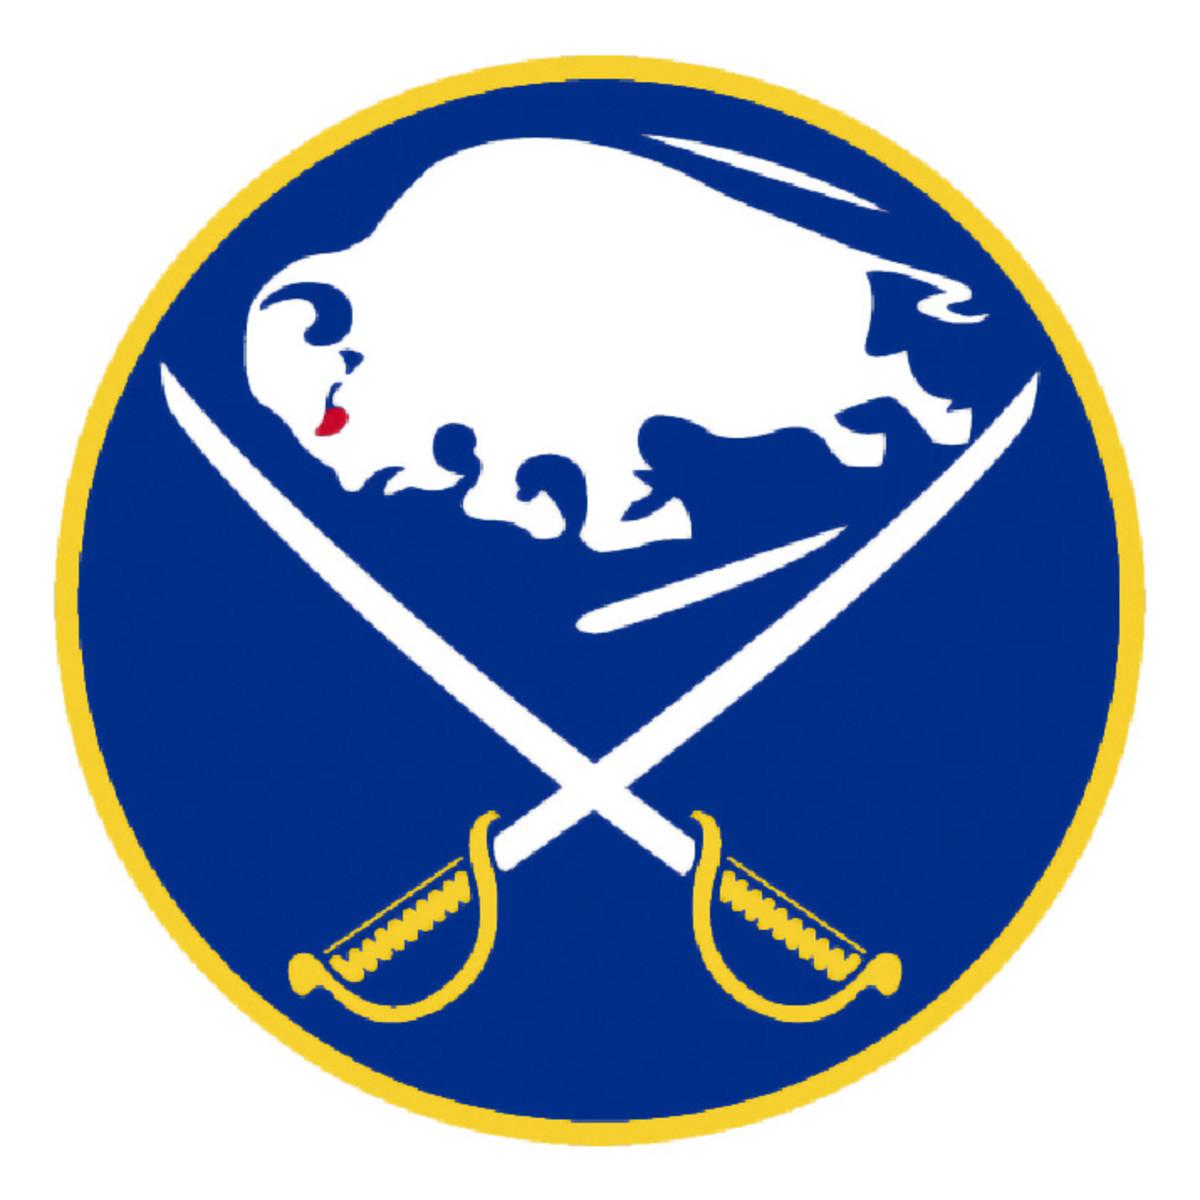 Buffalo-Sabres-logo-1970-96.jpg